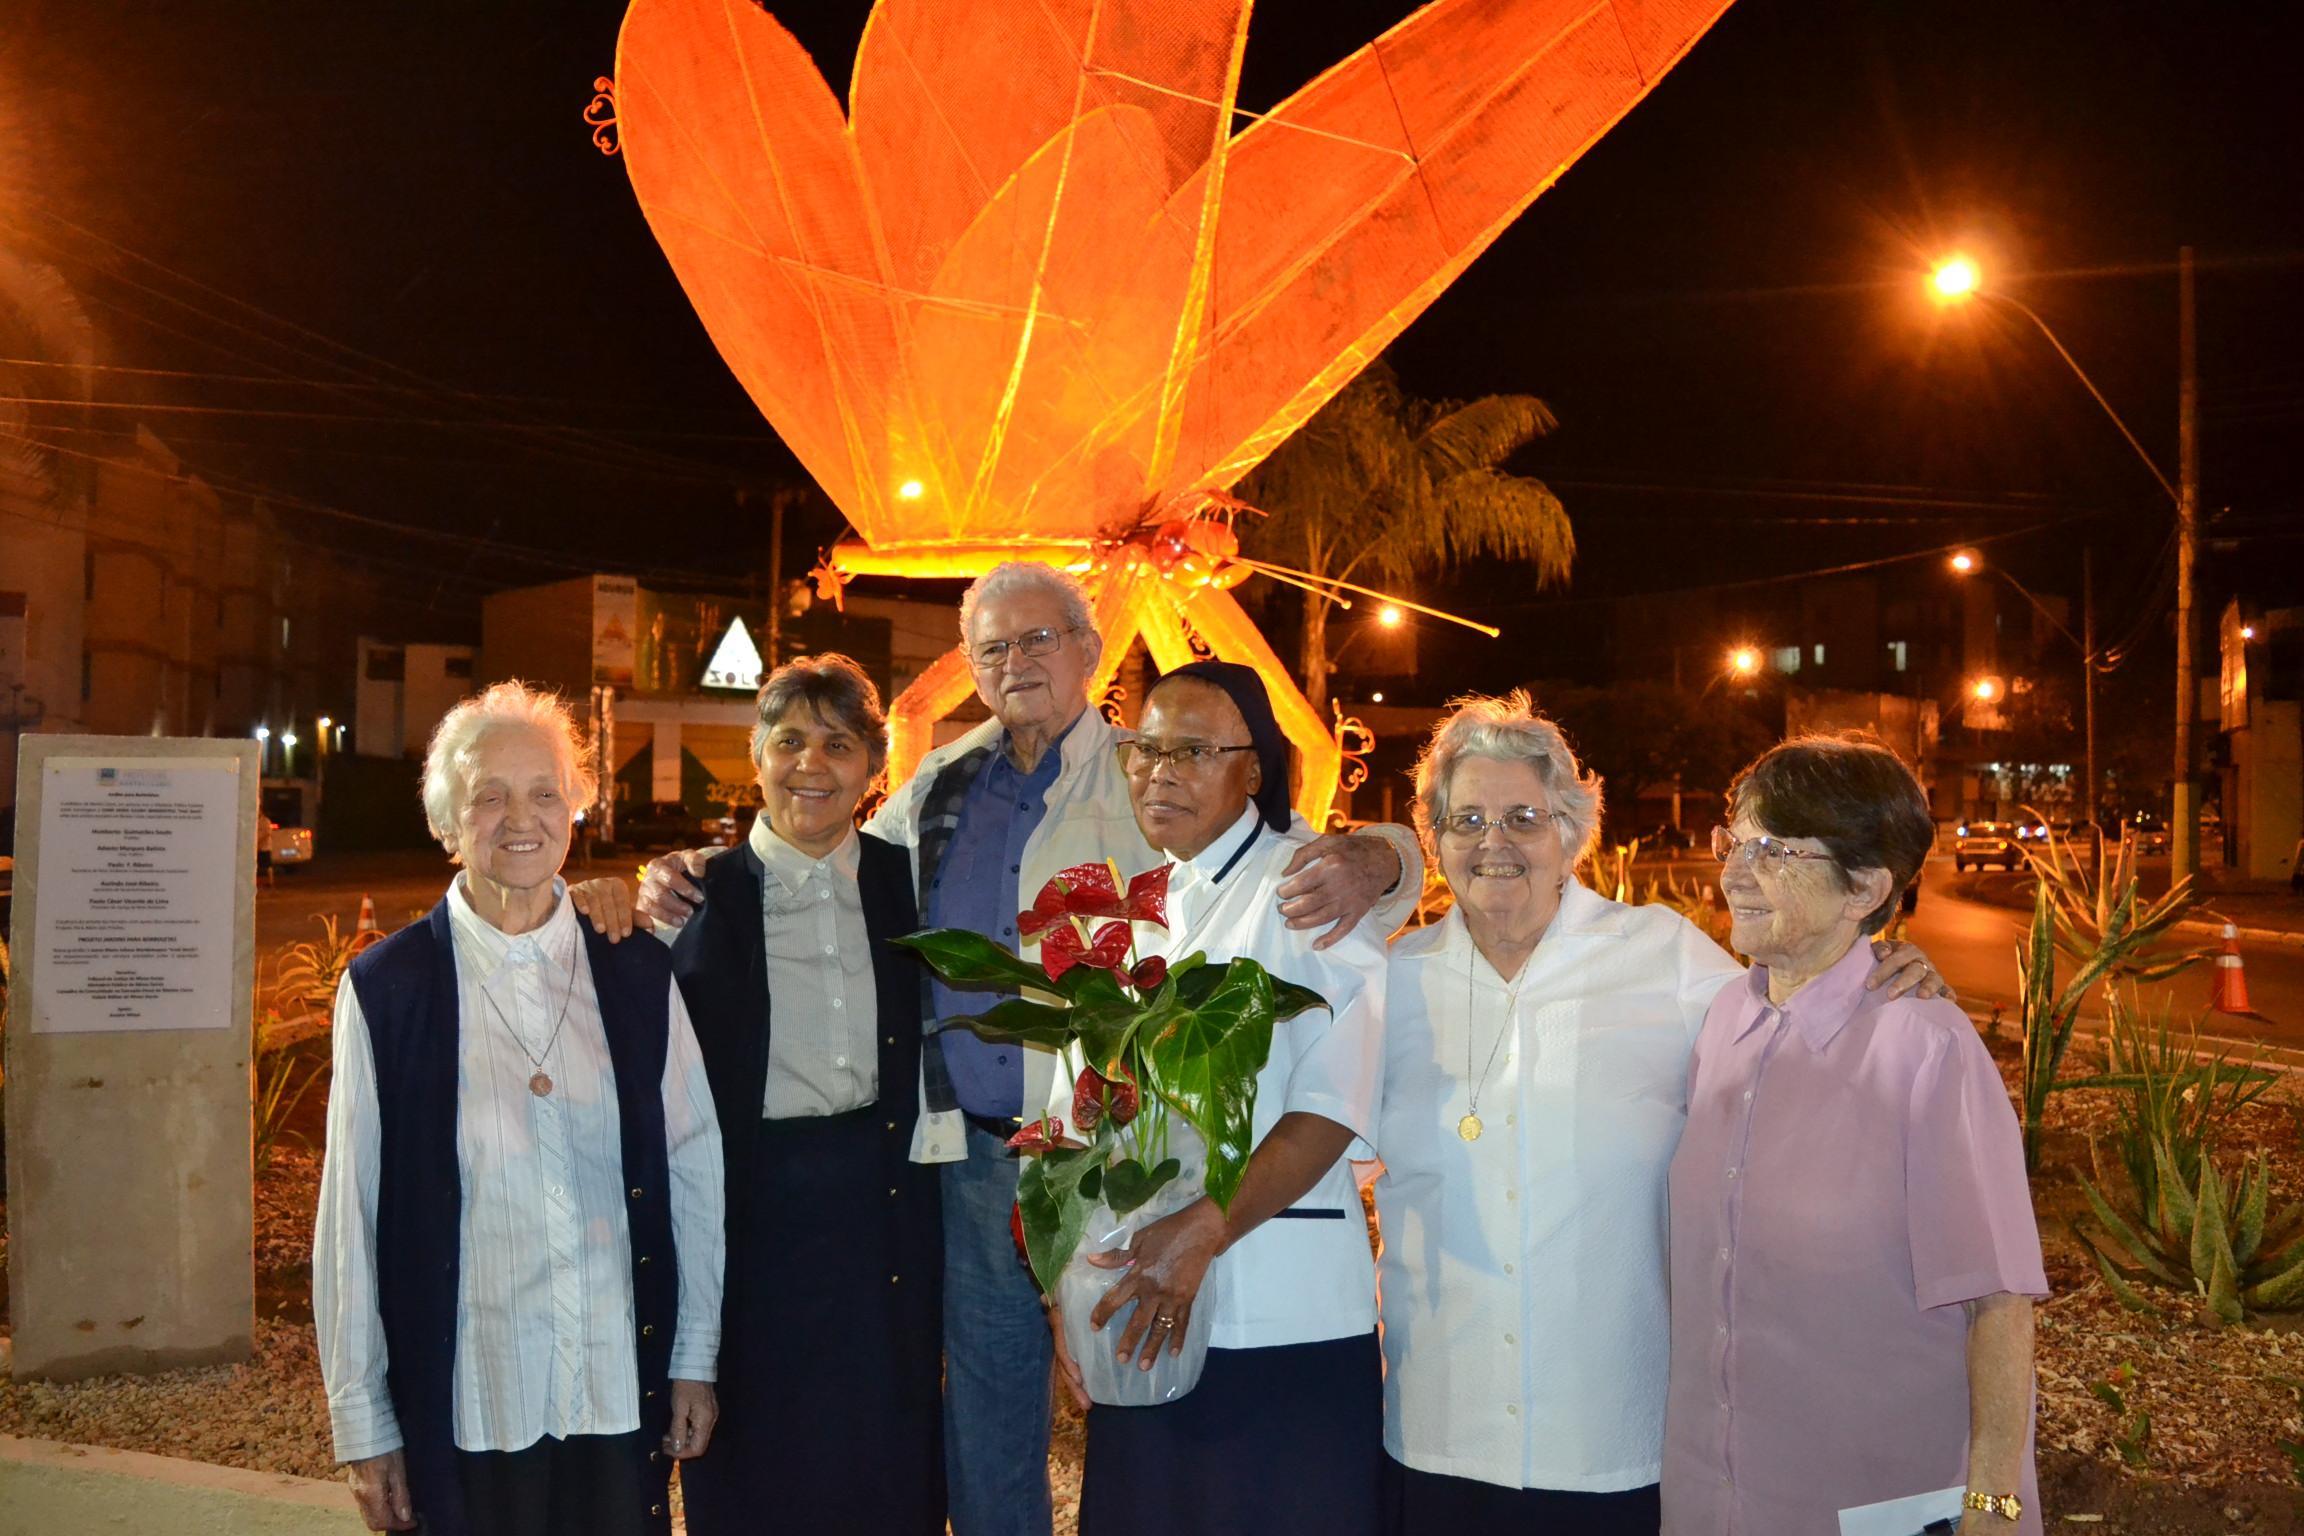 Imagem de destaque Jardim para Borboletas - Nova escultura homenageia a saudosa Irmã Veerle